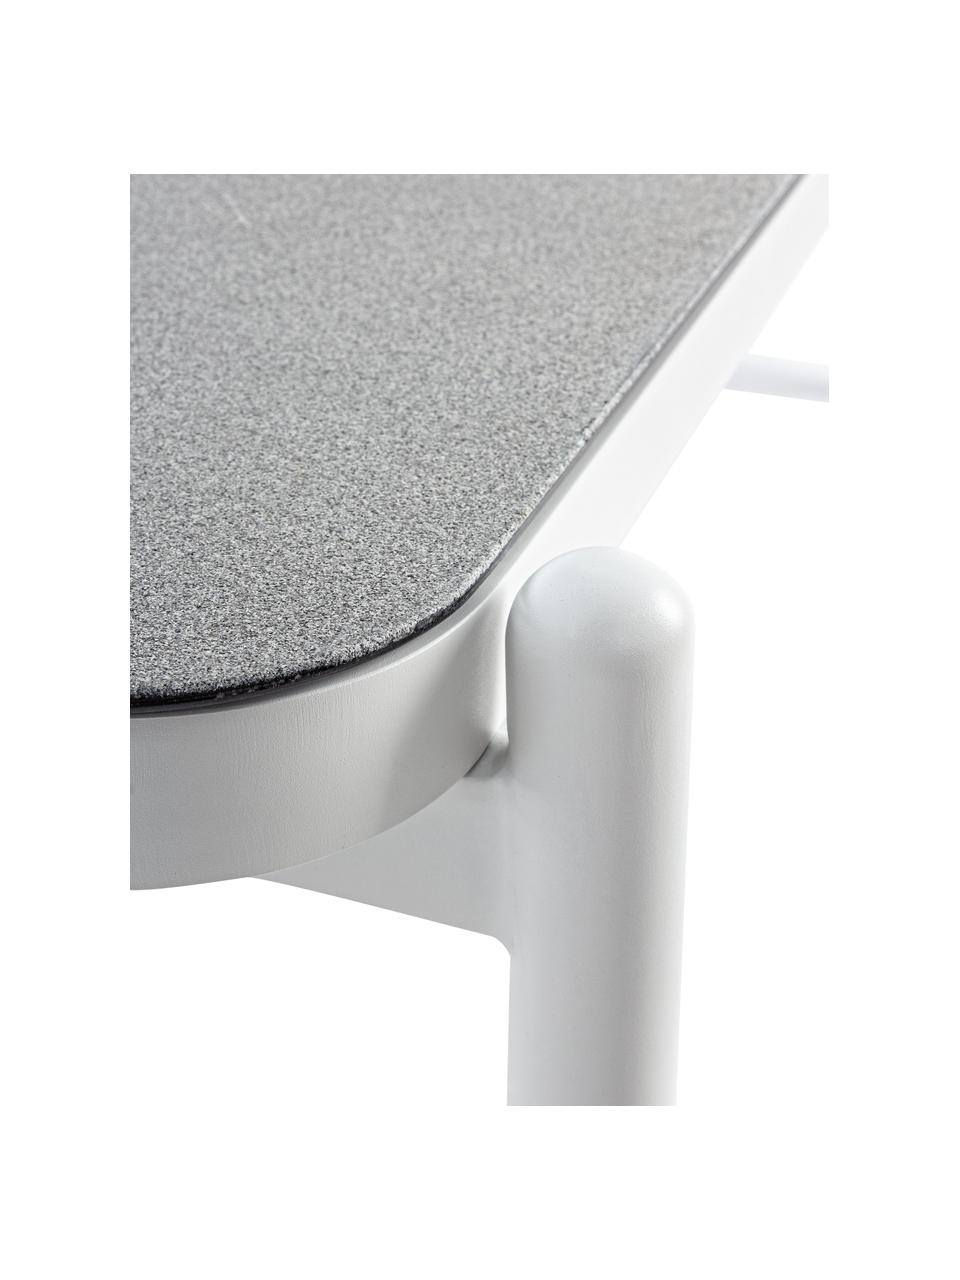 Garten-Couchtisch Florencia mit Glasplatte, Gestell: Aluminium, pulverbeschich, Tischplatte: Glas, beschichtet, Grau, Weiß, B 120 x T 75 cm